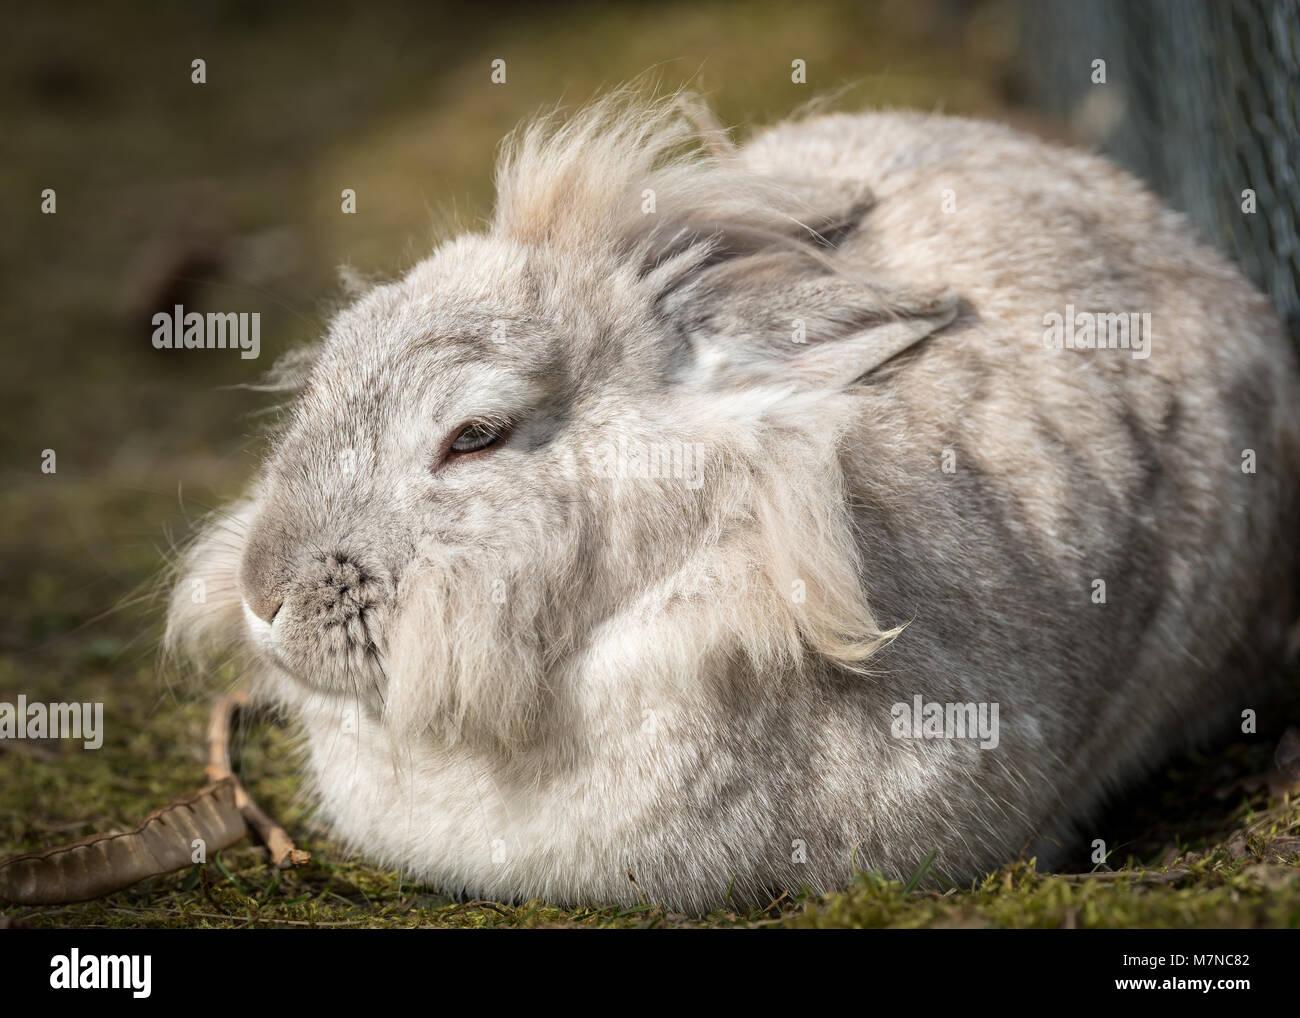 Un conejo enano blanco (Lions head) tomando un descanso Foto de stock